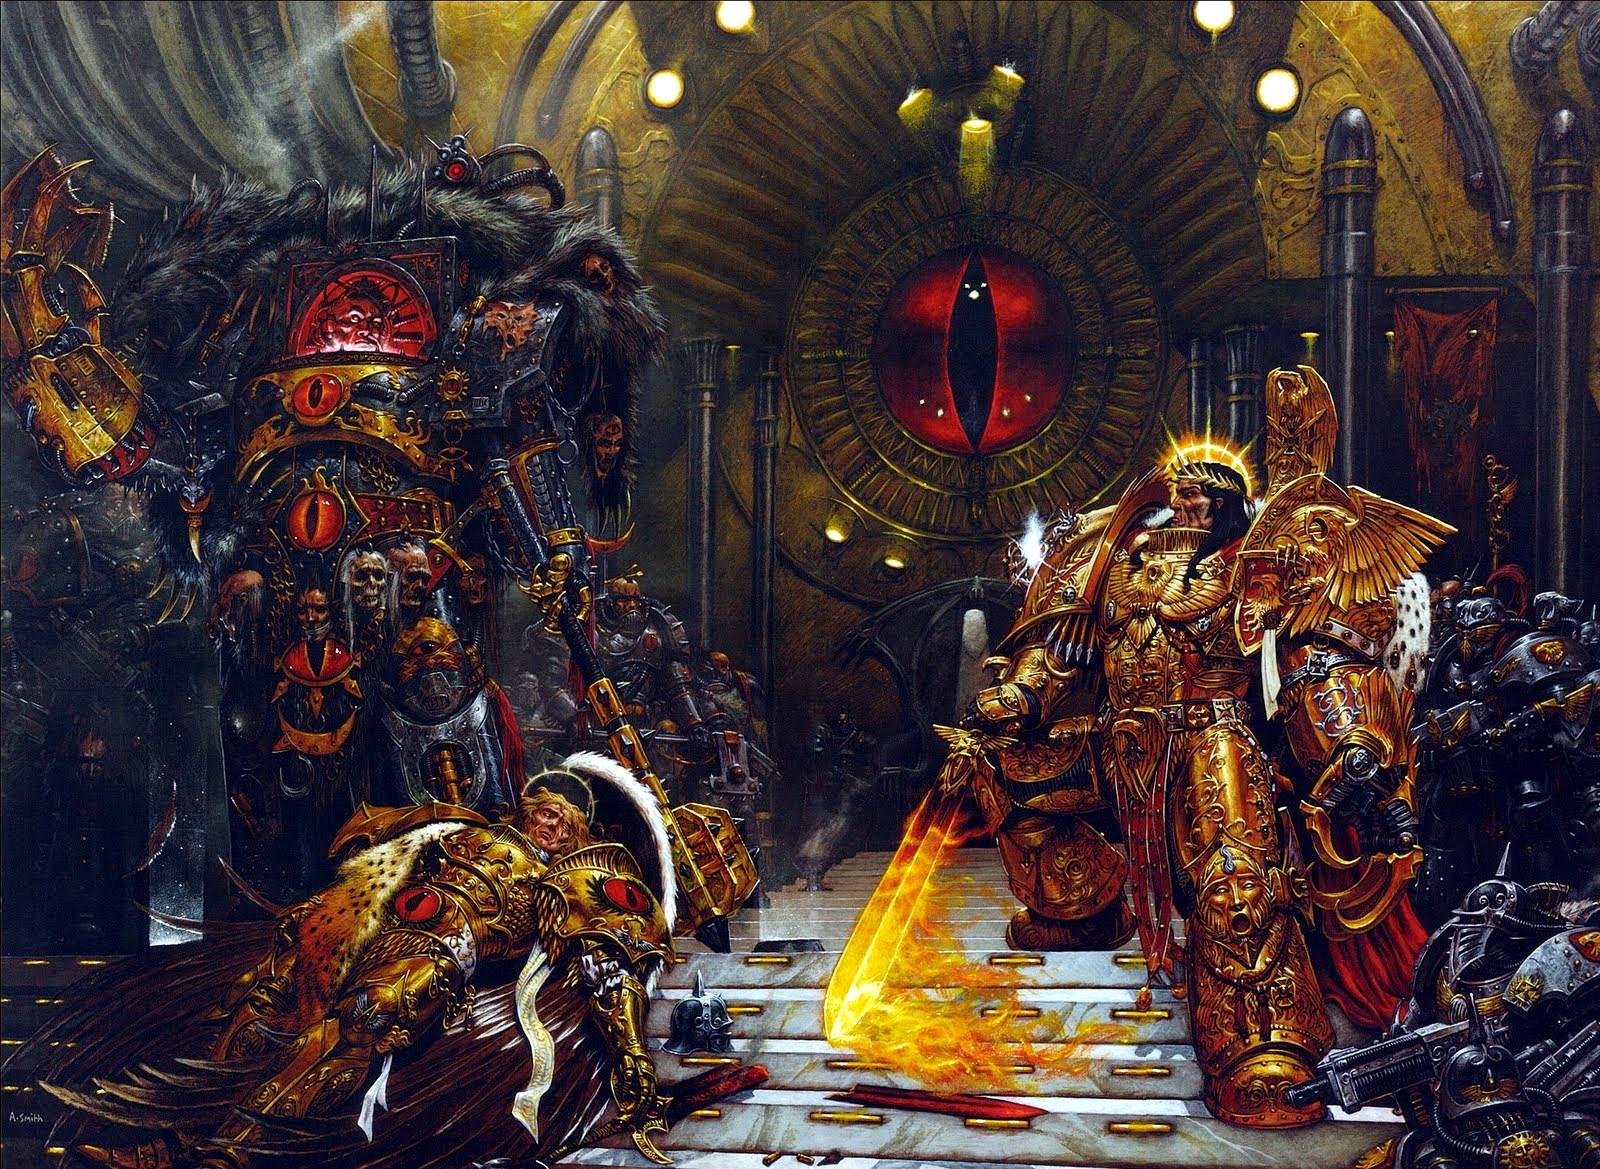 Sanguinius is slain by Horus